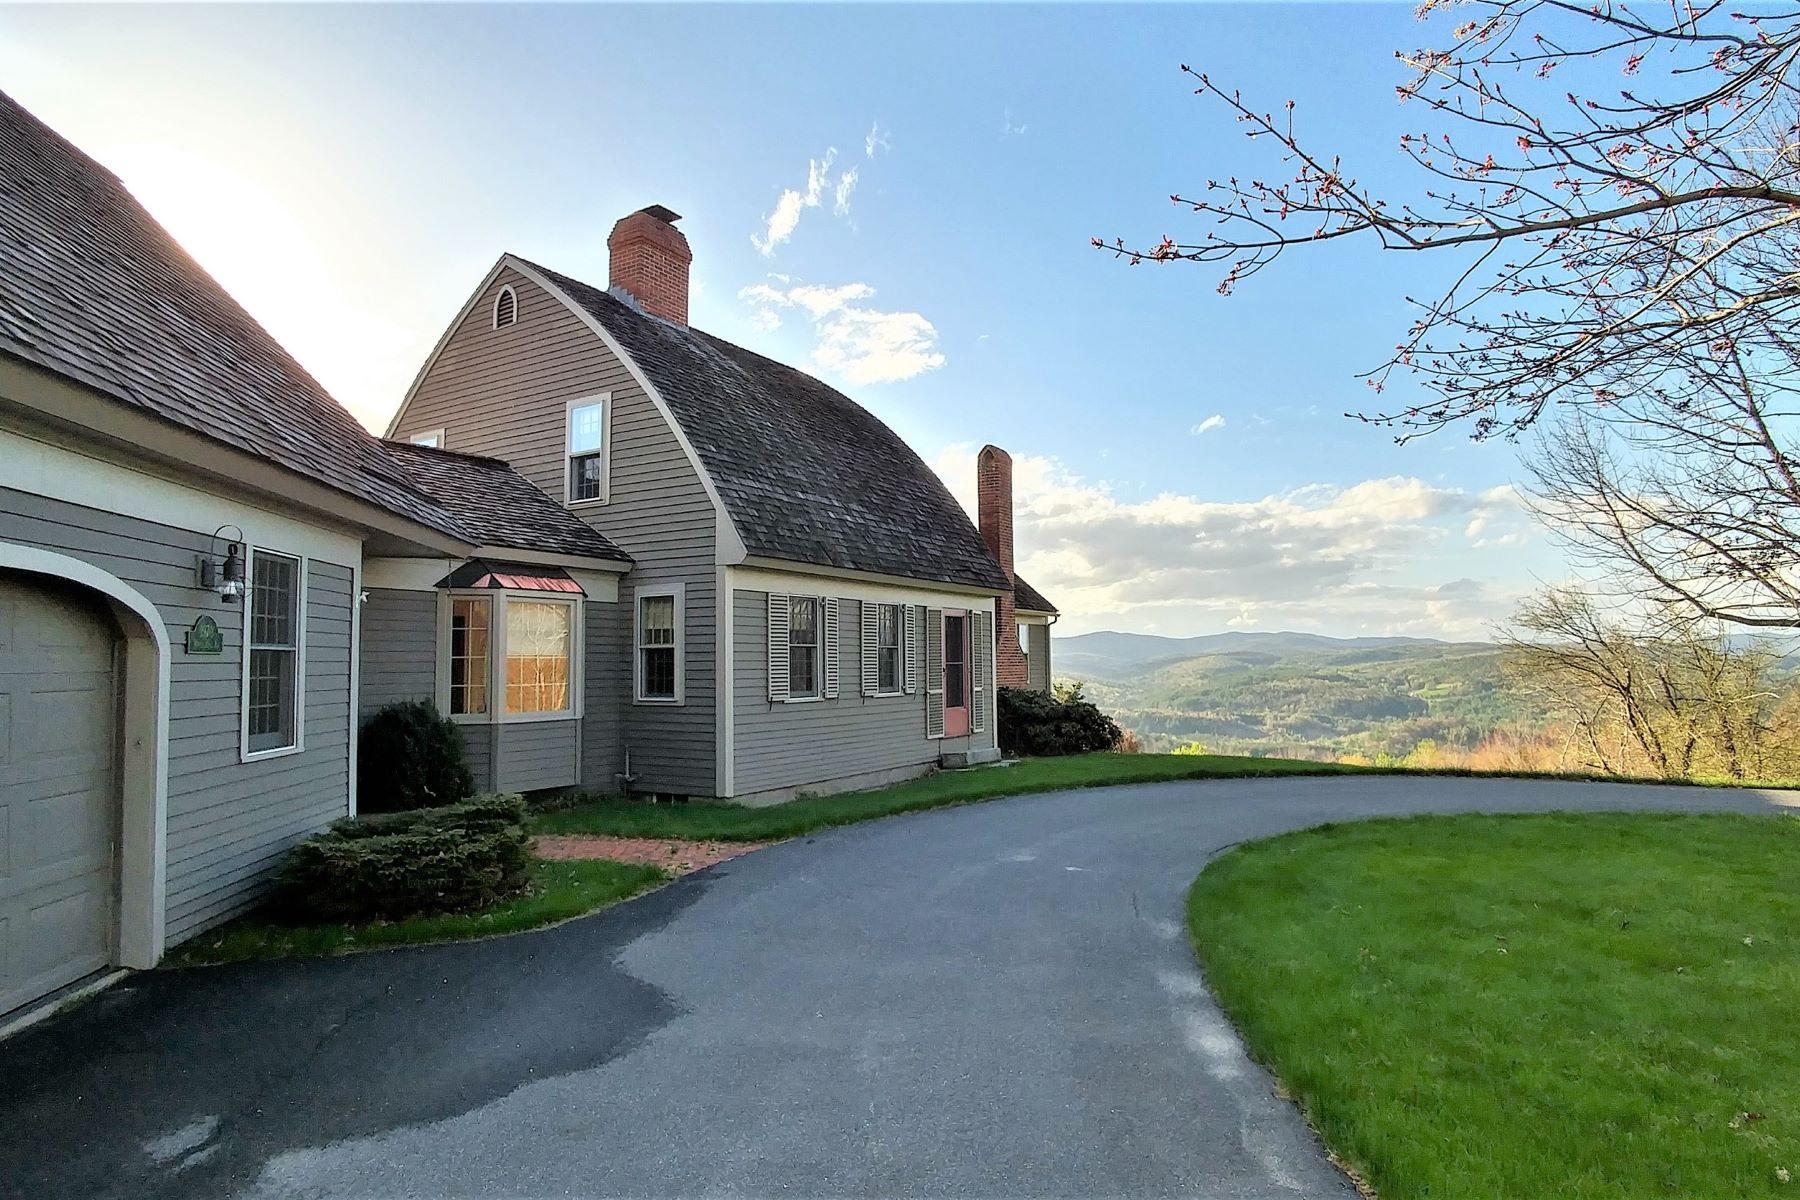 Maison unifamiliale pour l Vente à Lovely home on Roxbury Northfield line 1970 Winch Hill Northfield, Vermont, 05663 États-Unis